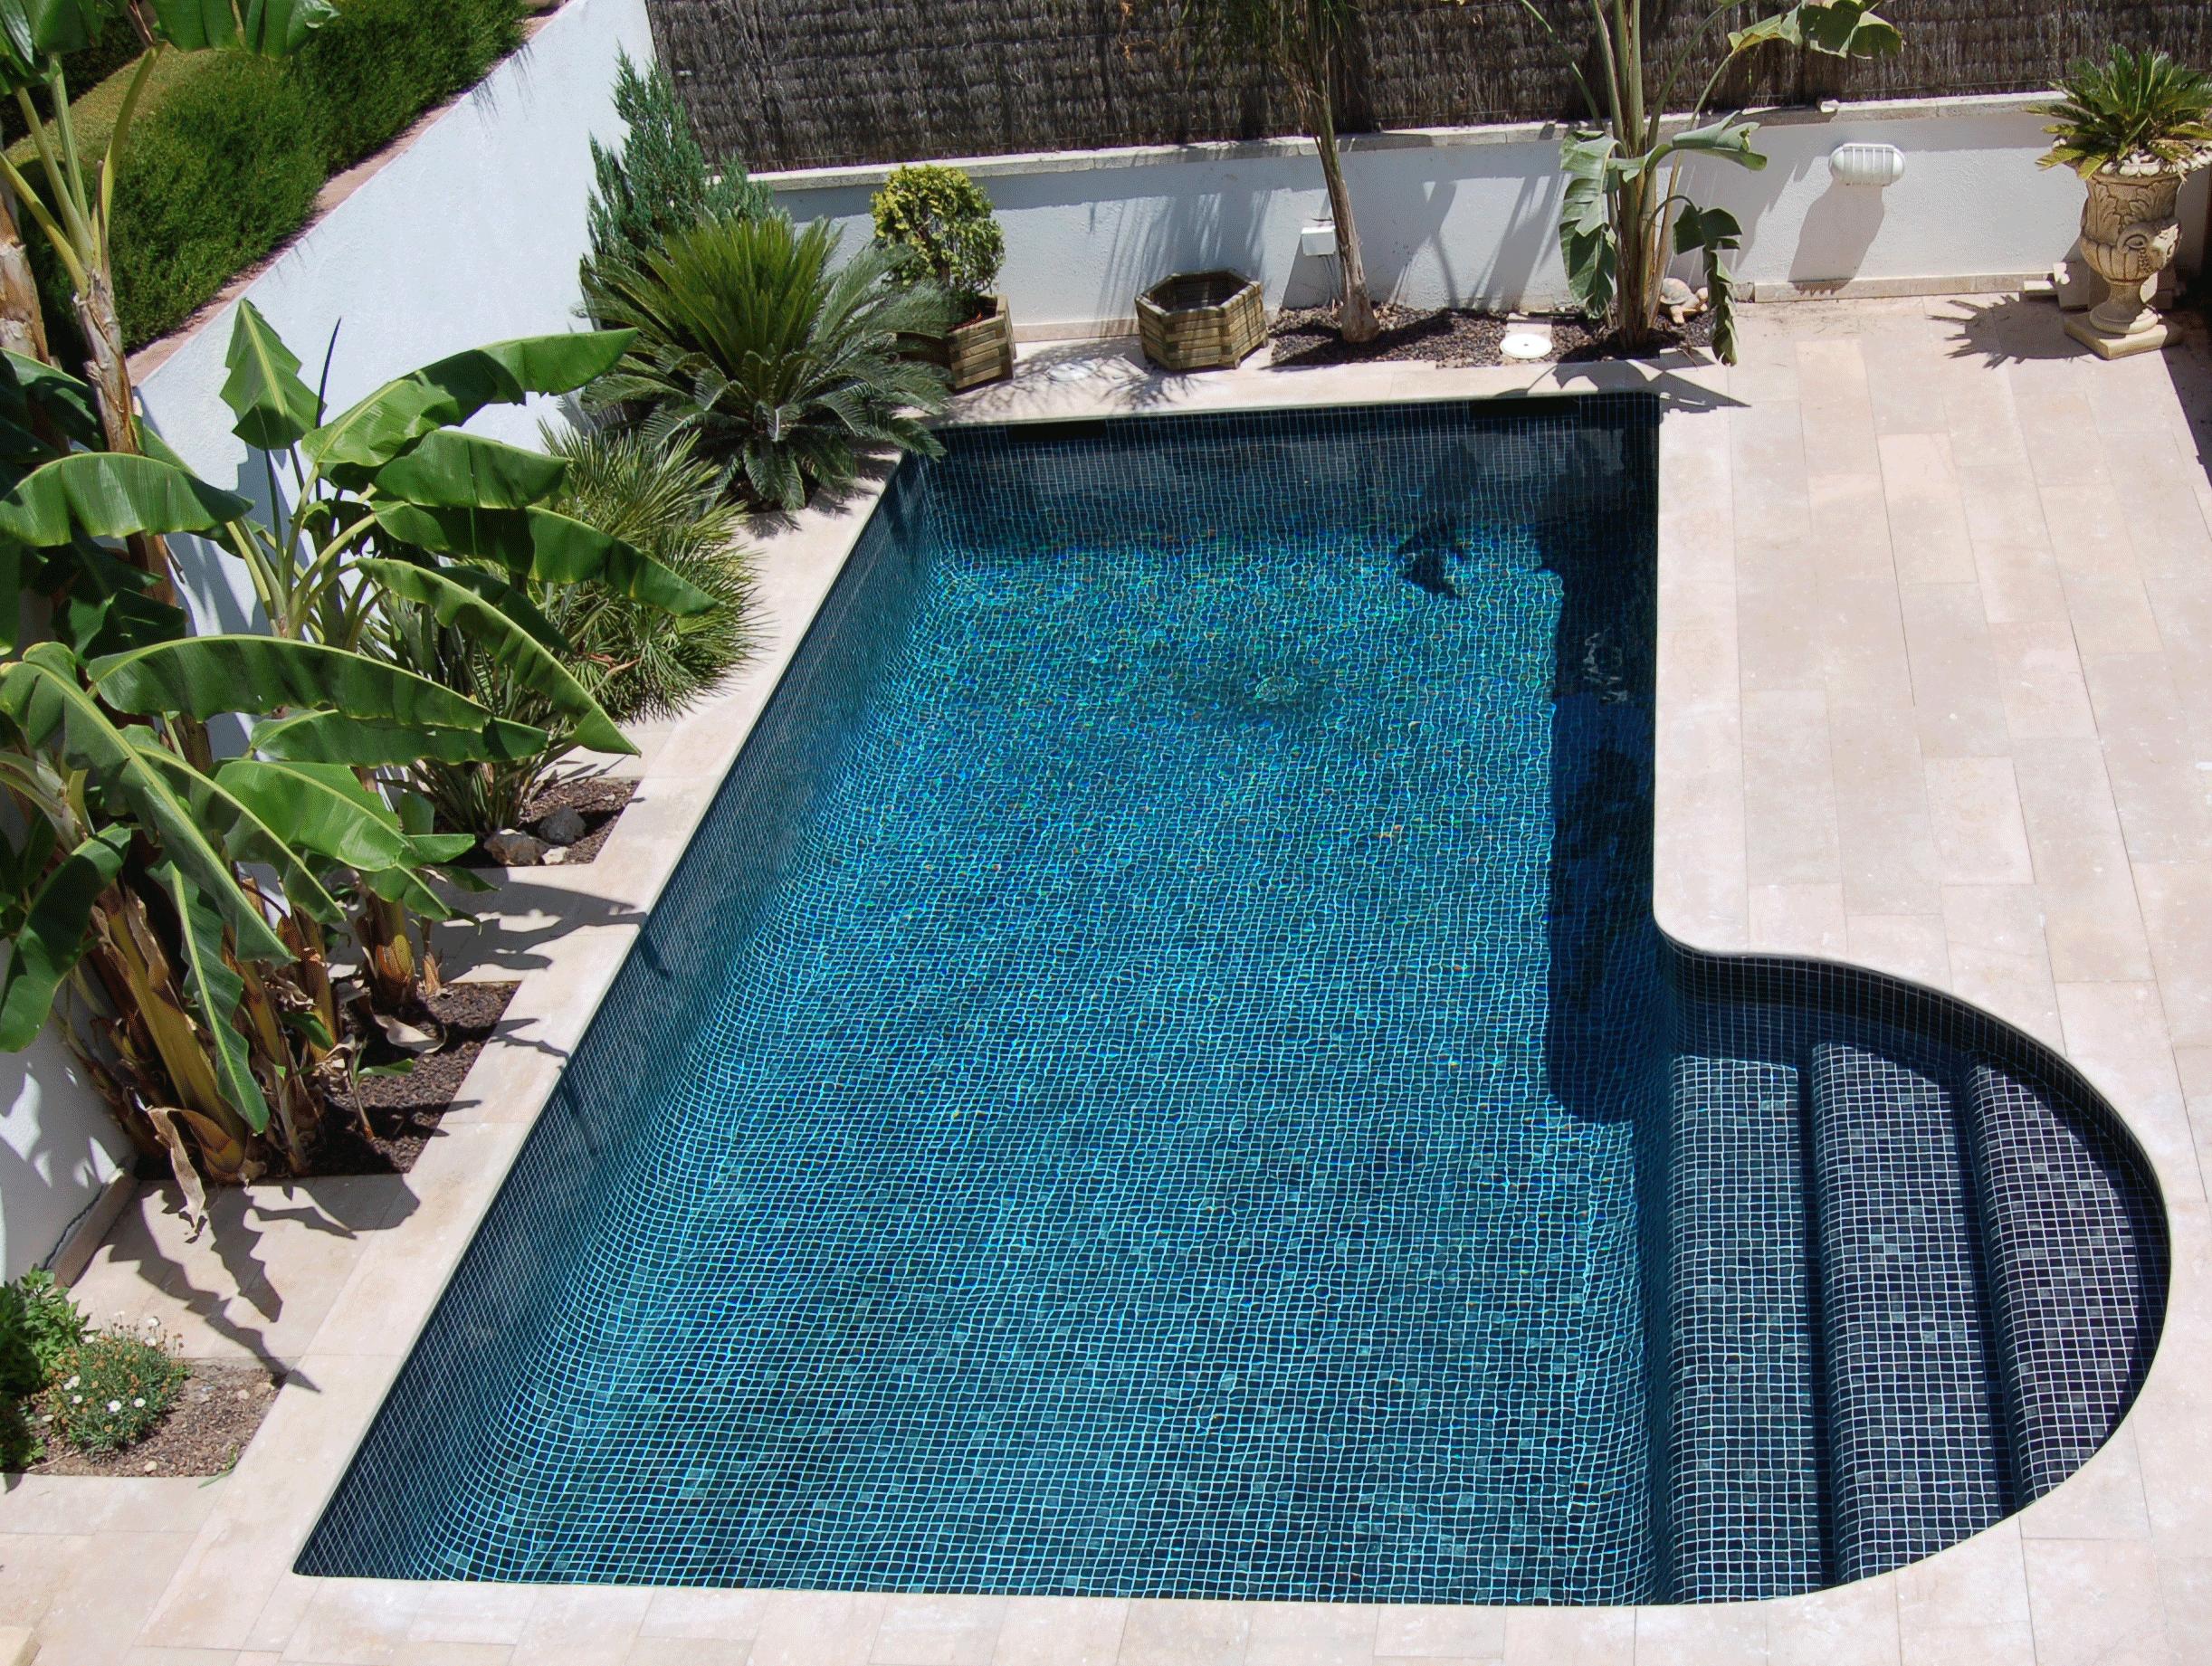 Gres para piscinas best coronacin de piscinas with gres - Azulejos pena precios ...